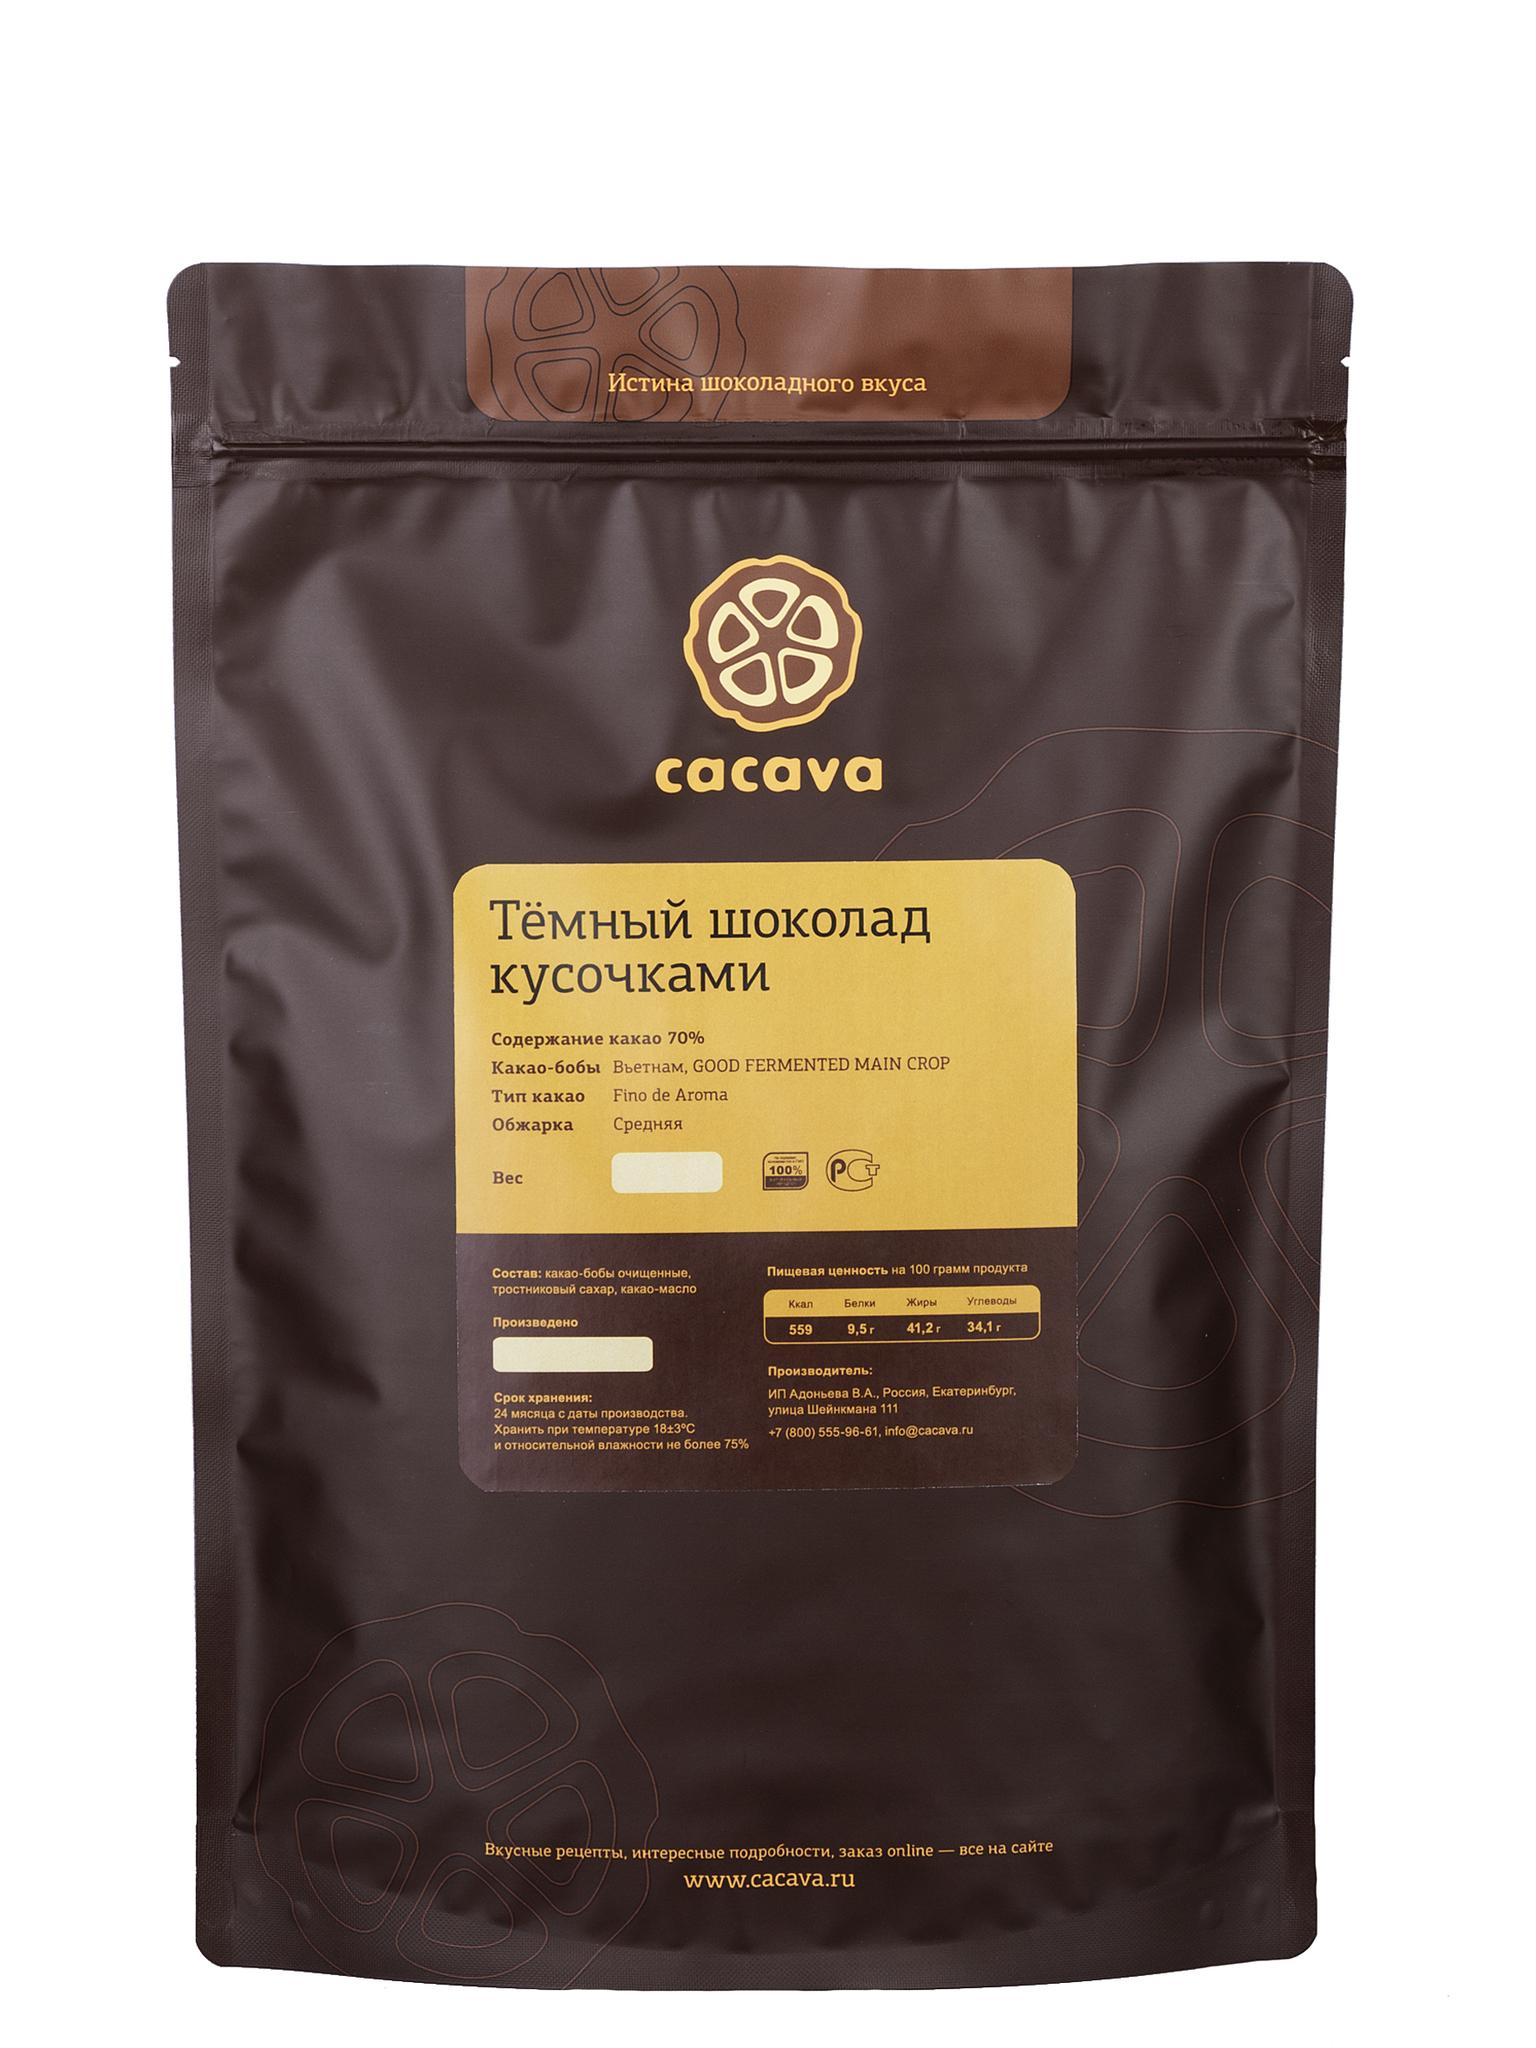 Тёмный шоколад 70 % какао (Вьетнам), упаковка 1 и 3 кг